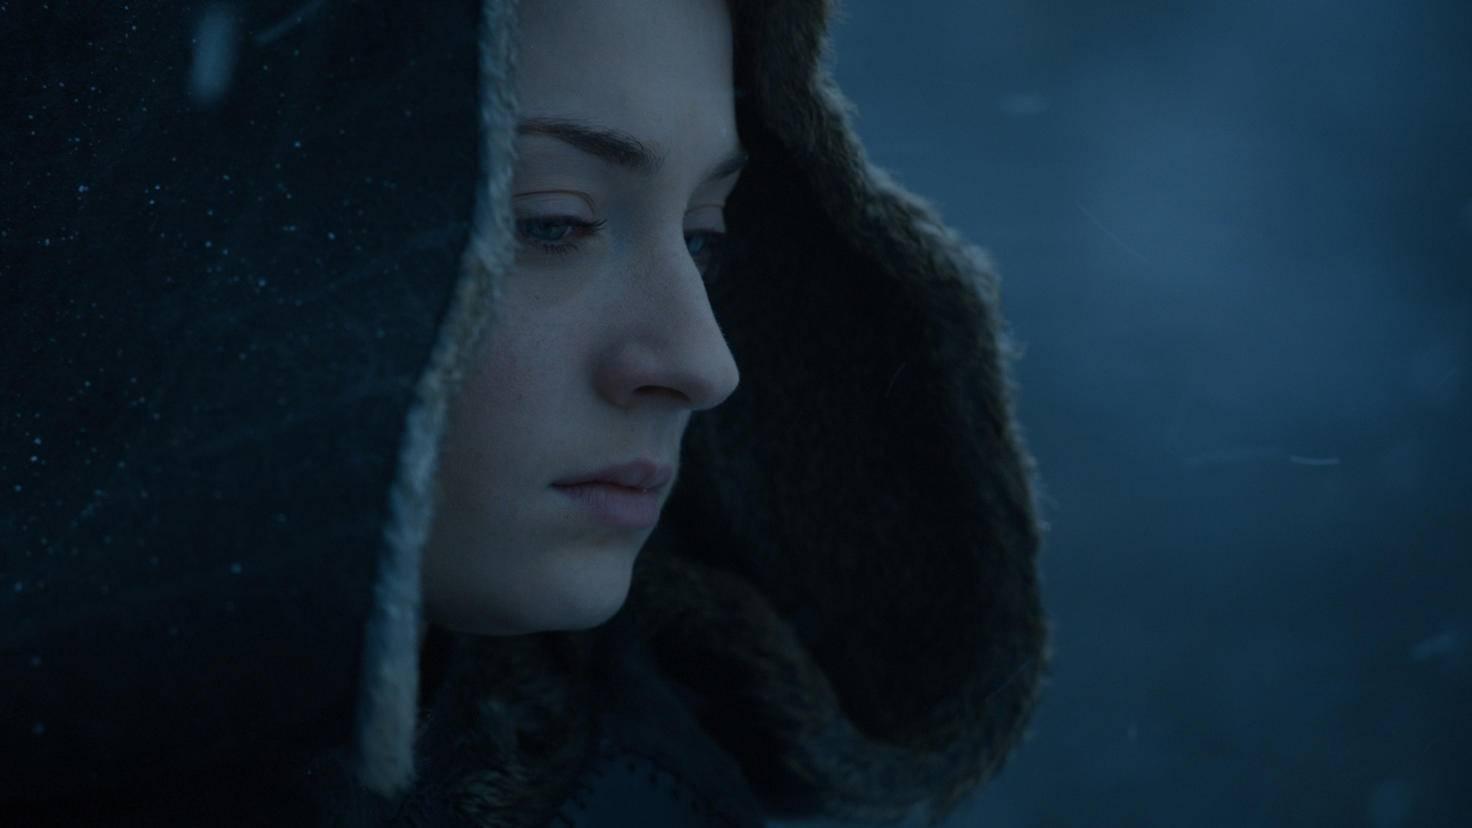 ... scheint Sansa sich einen kleinen Spaziergang im freien zu genehmigen. Beide sehen allerdings wenig glücklich aus.